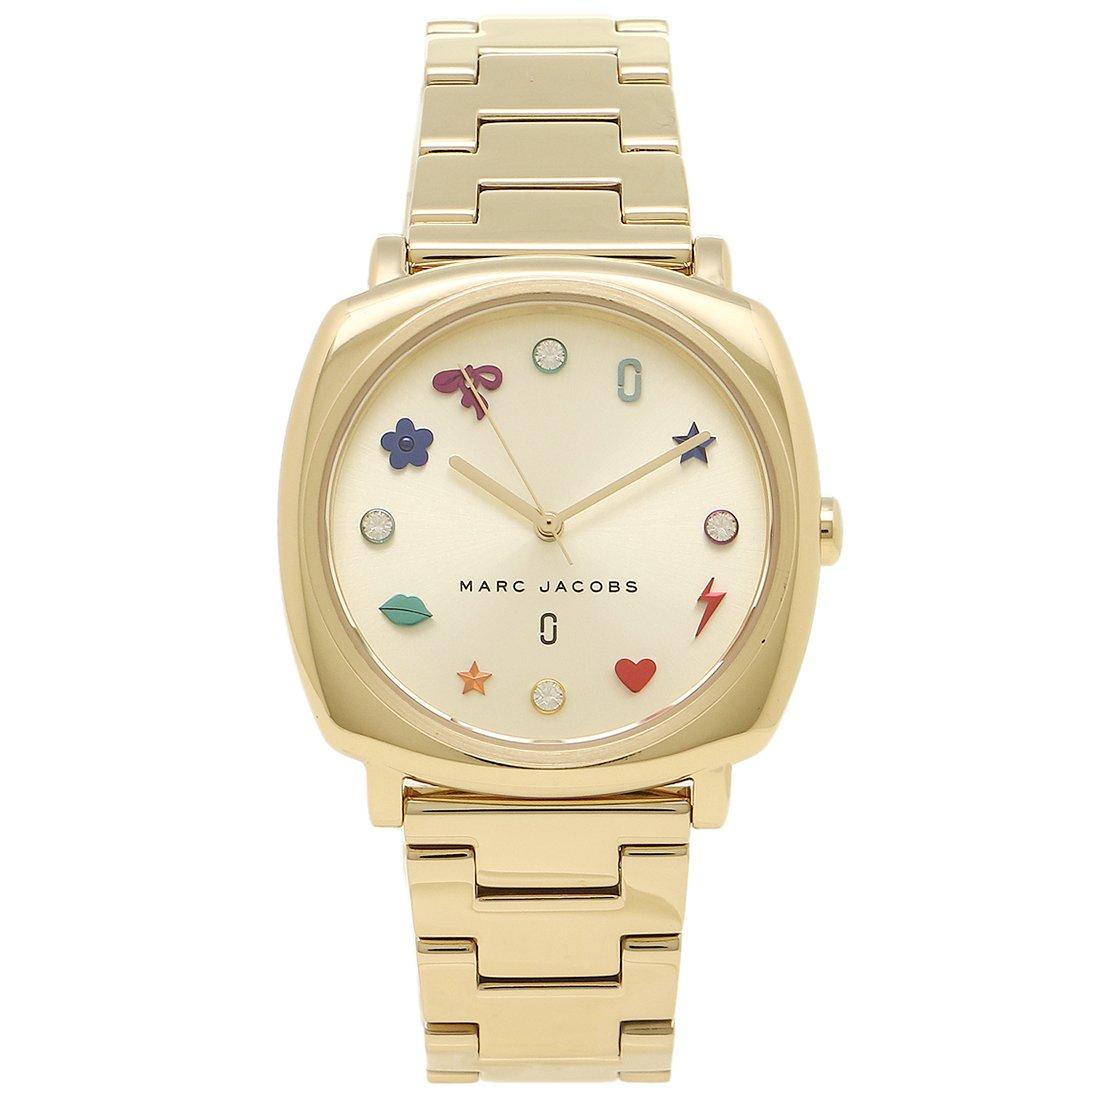 [マークジェイコブス] 腕時計 レディース MARC JACOBS MJ3549 イエローゴールド マルチカラー [並行輸入品] B078LS1HQM